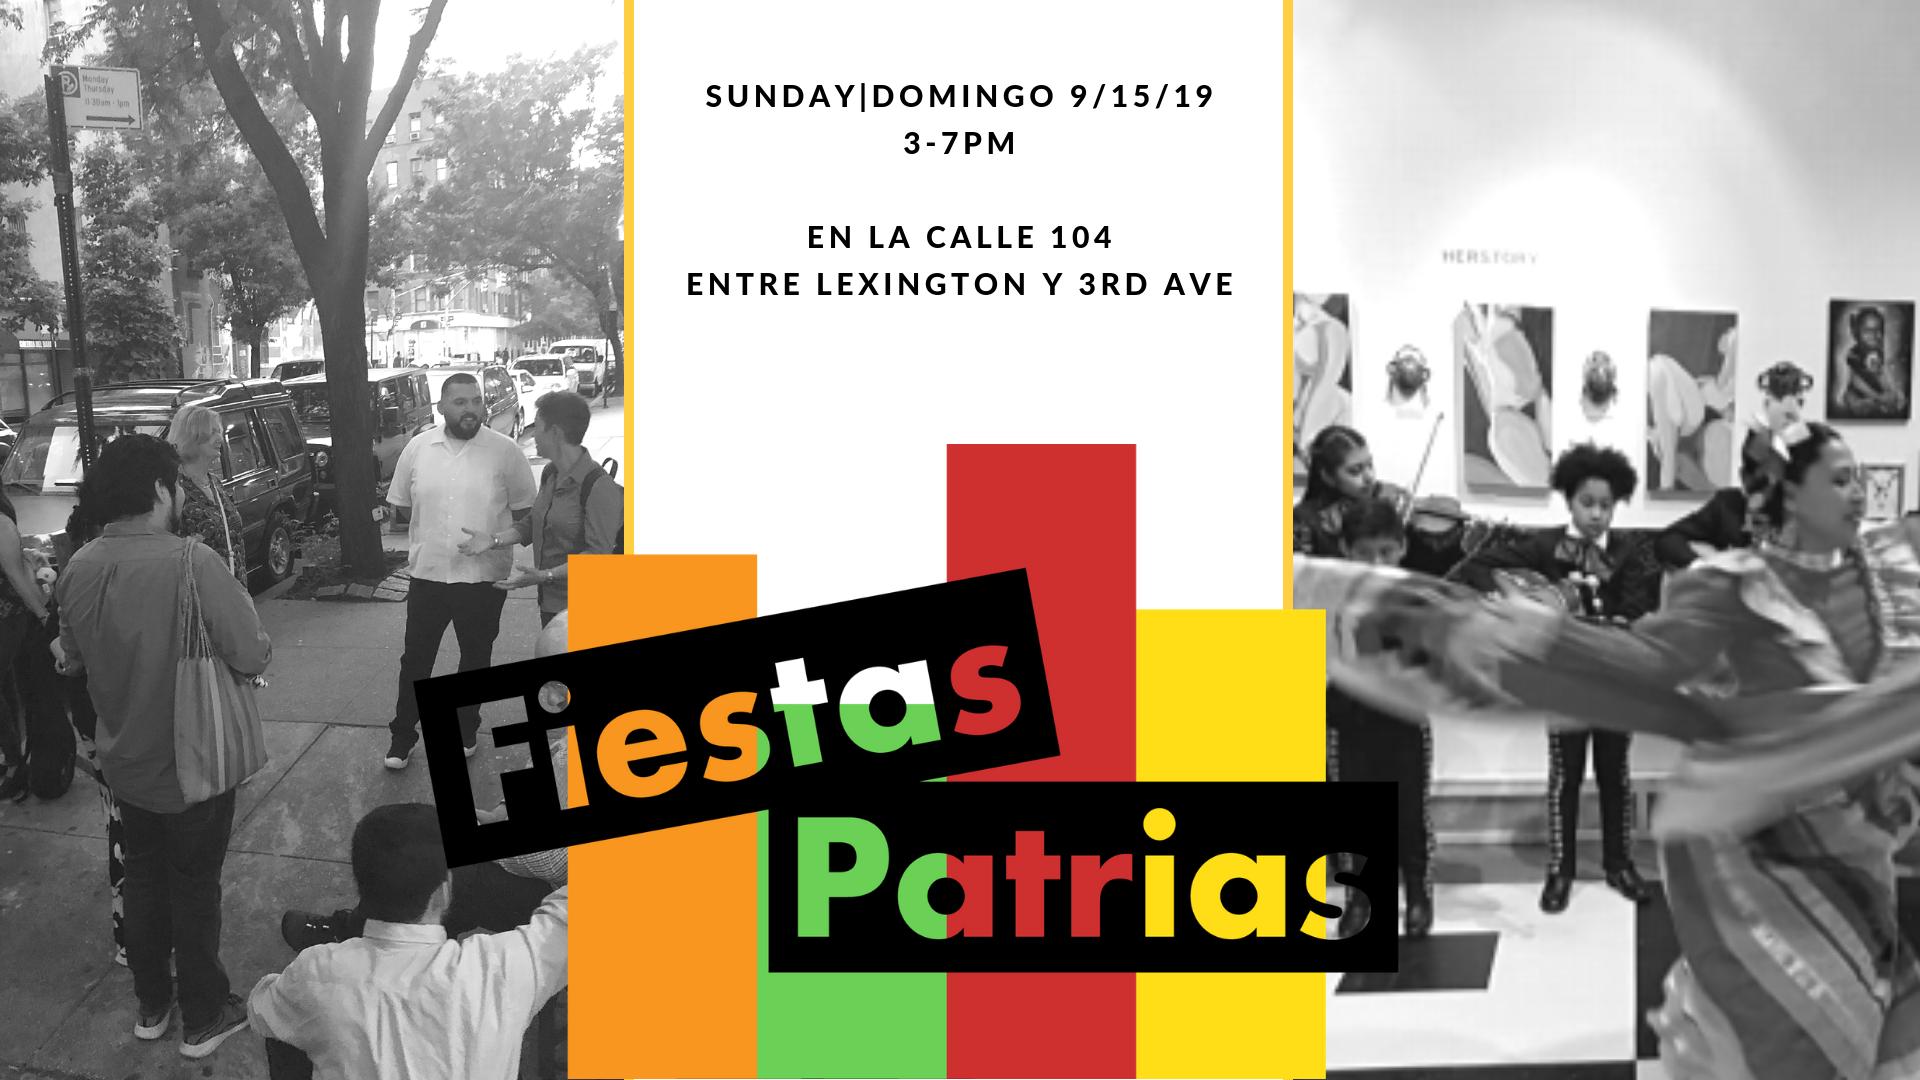 fiestas-patrias-harlem-calle-104-san-francisco-de-sales-iglesia-catolica-nueva-york.png